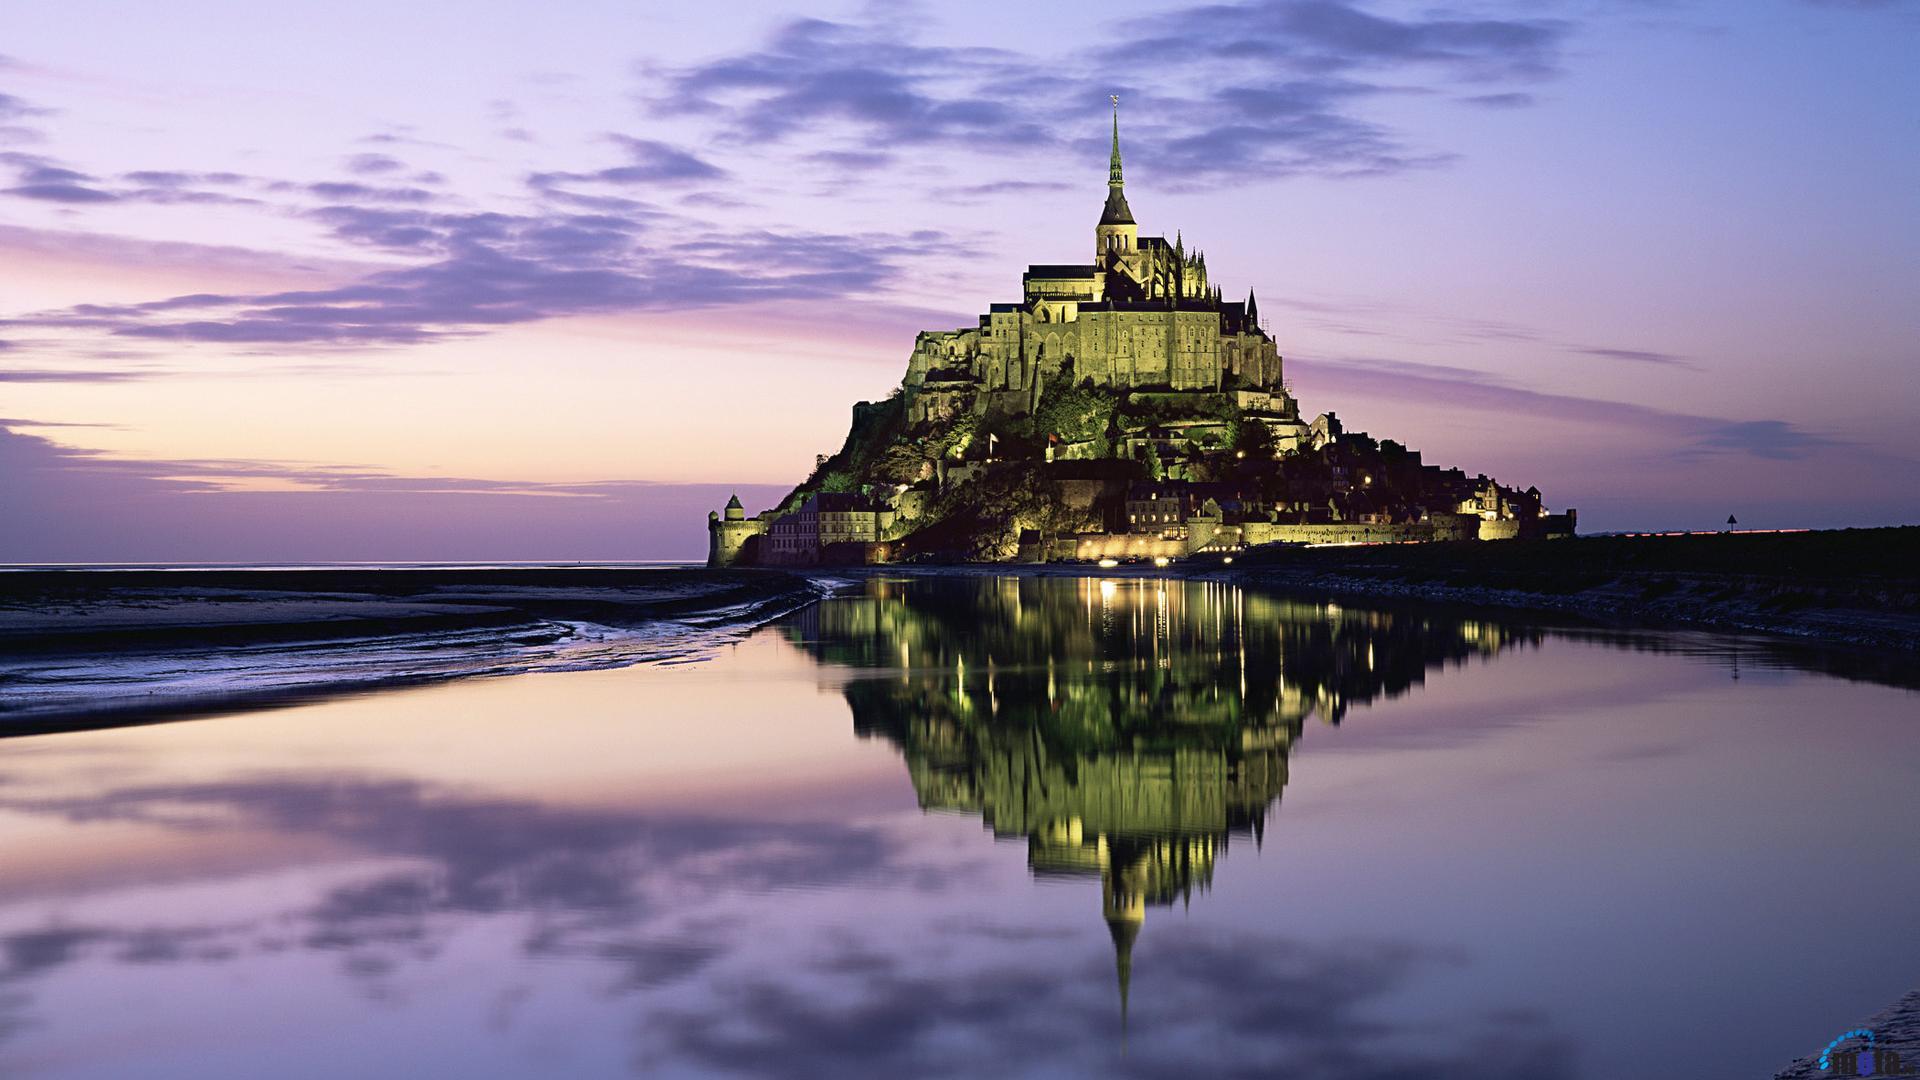 Бретань: северный полуостров, удивительные средневековые города и Мон-Сен-Мишель